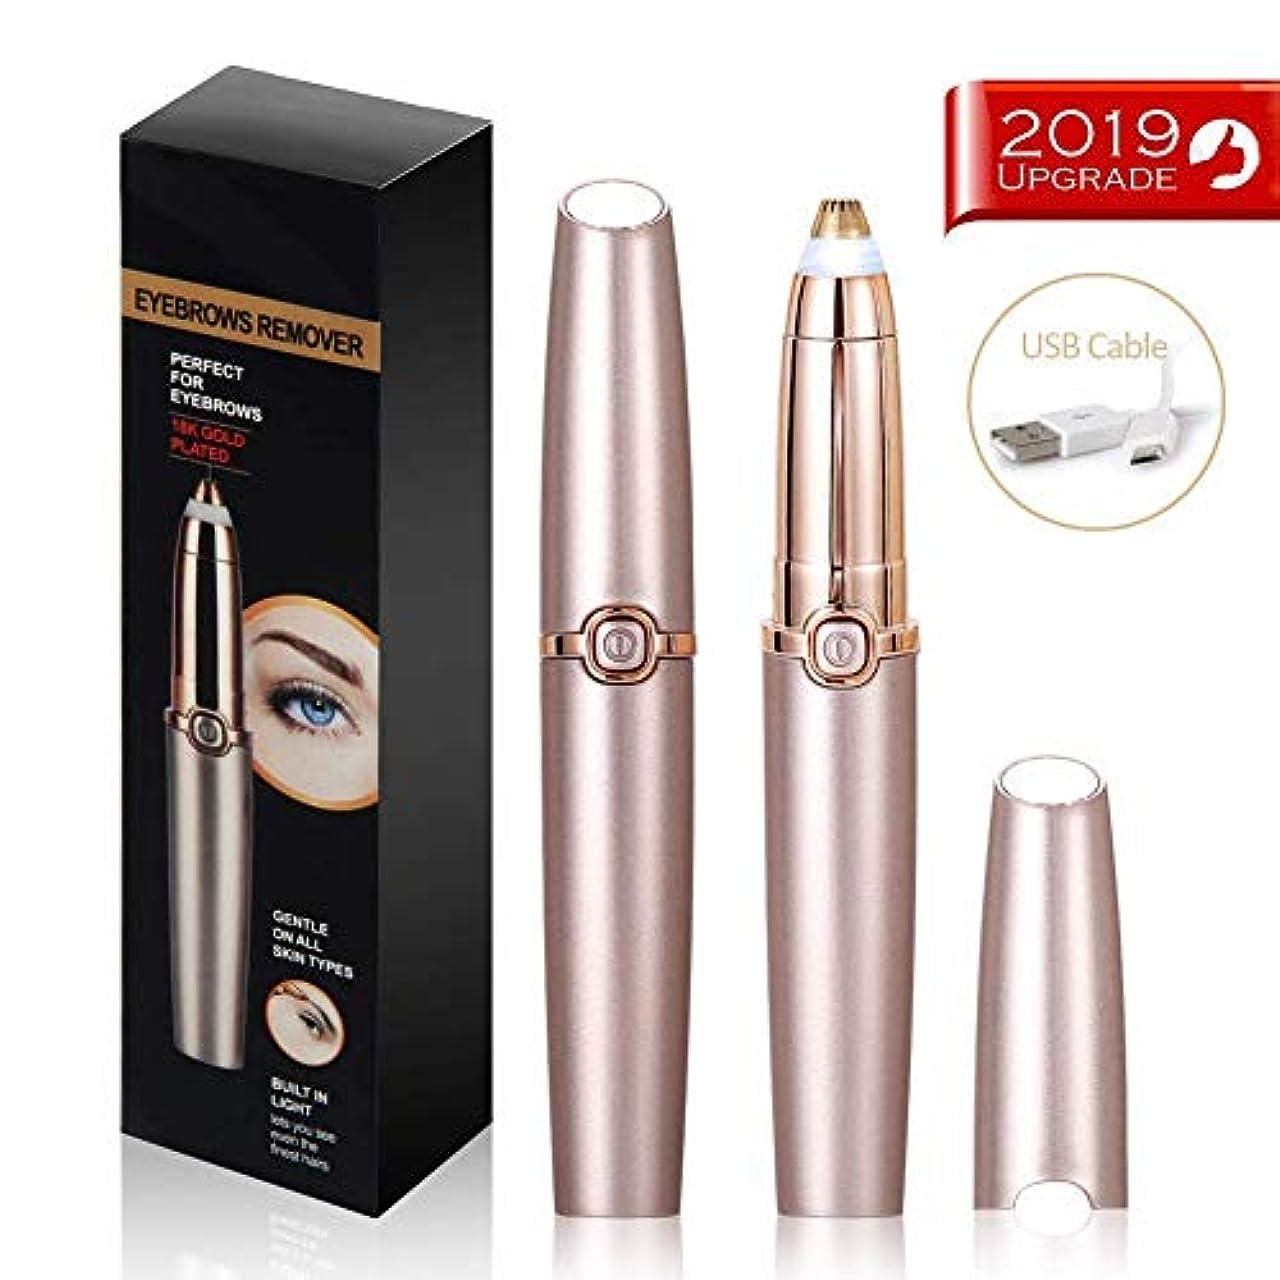 濃度一次におい眉毛脱毛器ペン、女性用の完璧な精密電動眉毛トリマー、ビルトインLEDライト、USB充電式、クリーニングブラシ